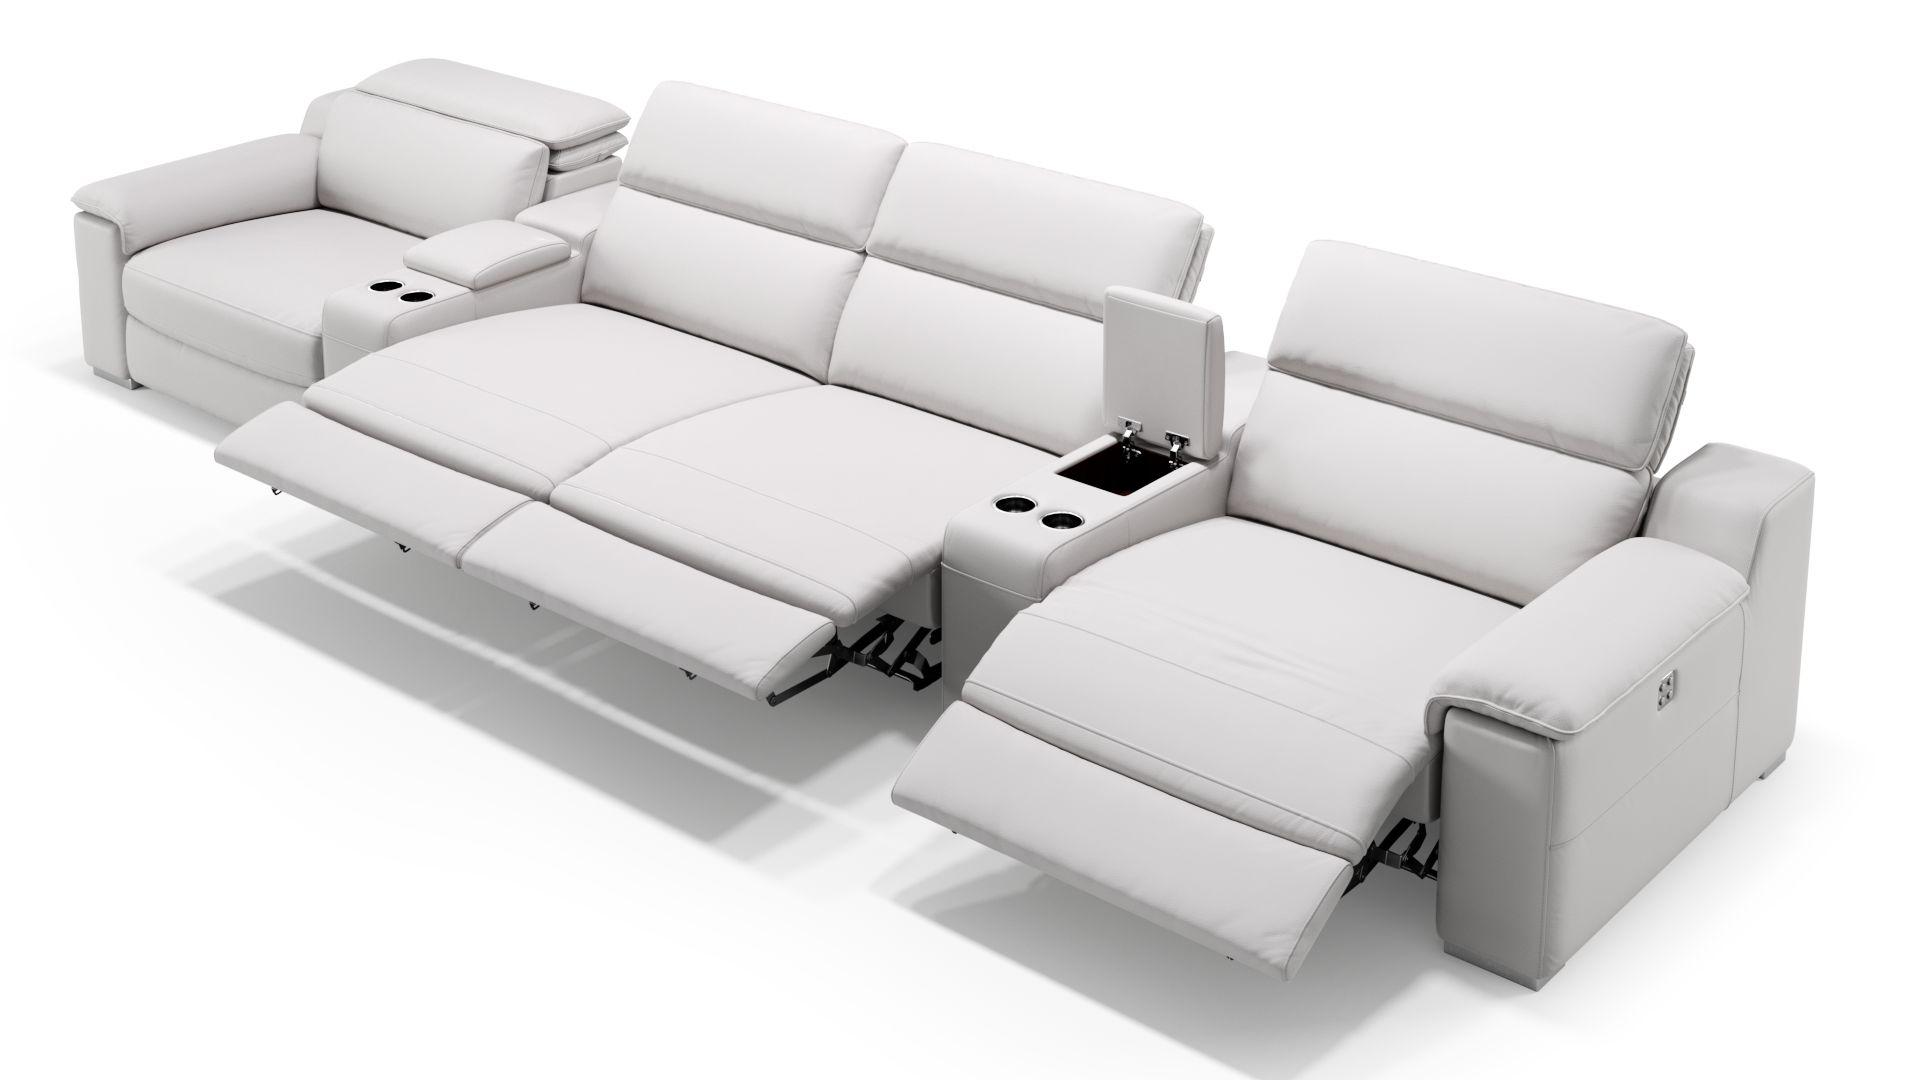 Leder 4-Sitzer Kinosofa mit zwei Mittelkonsolen MACELLO